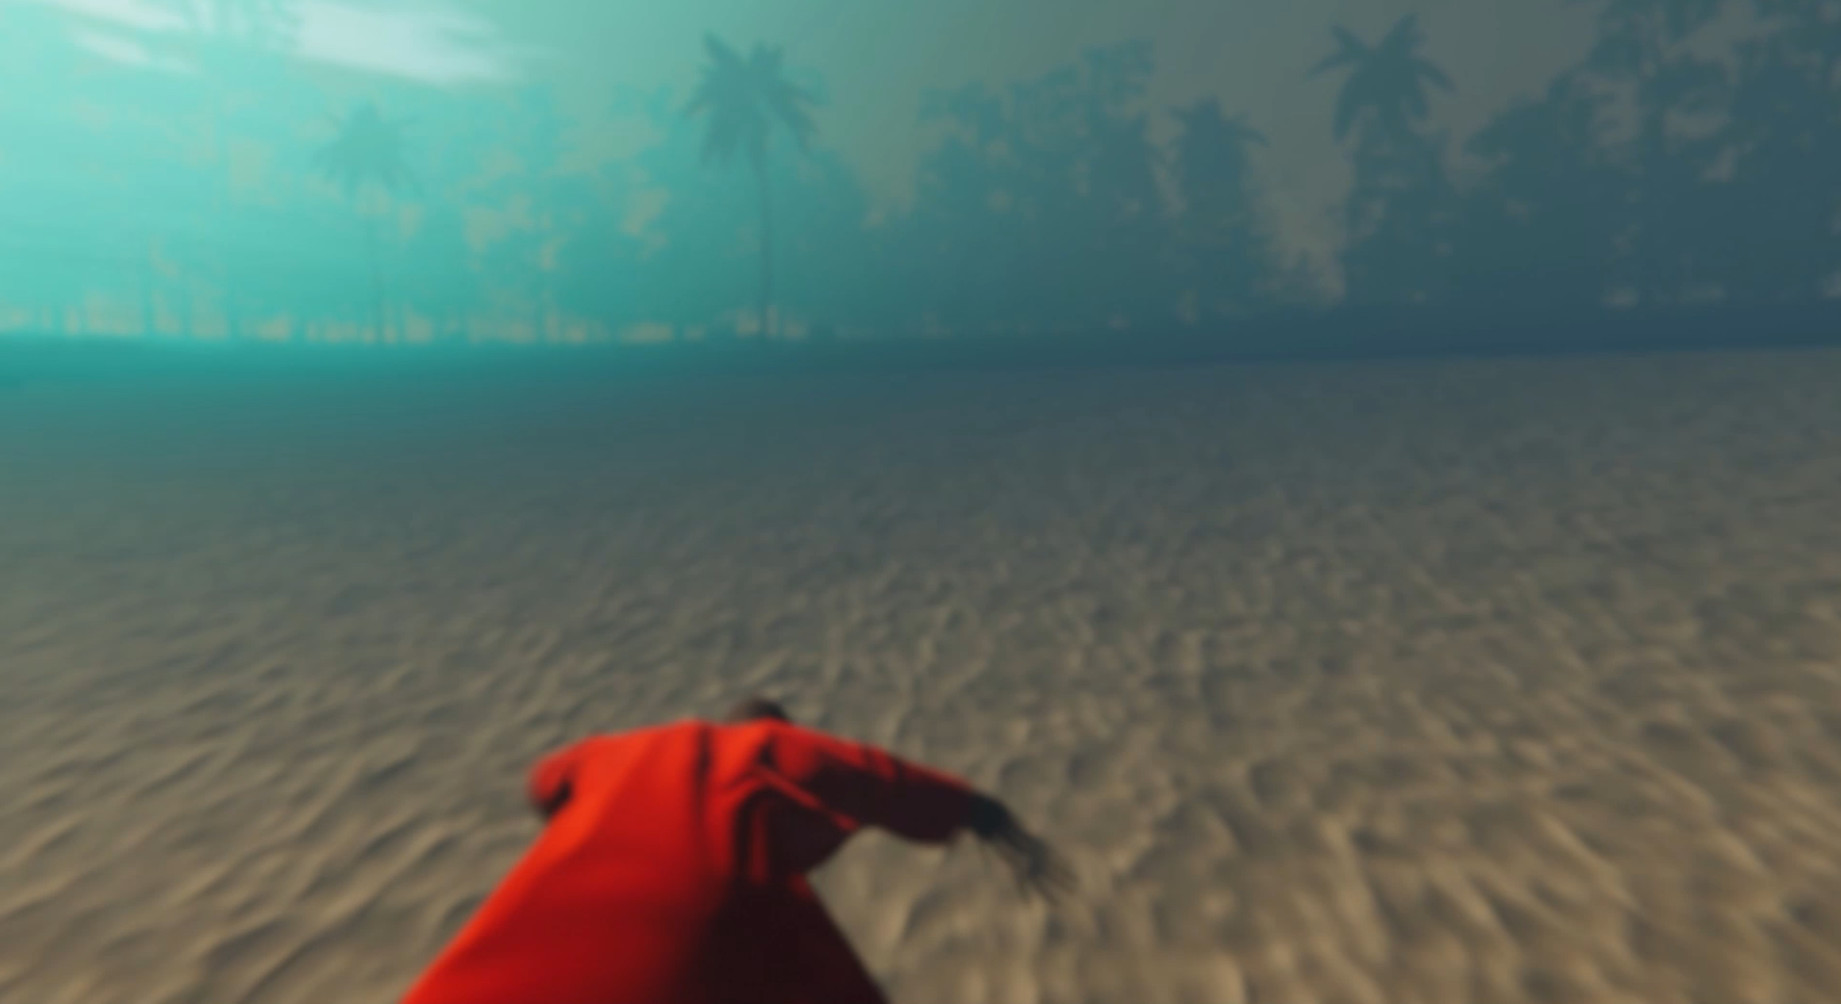 INMATE: Survival screenshot